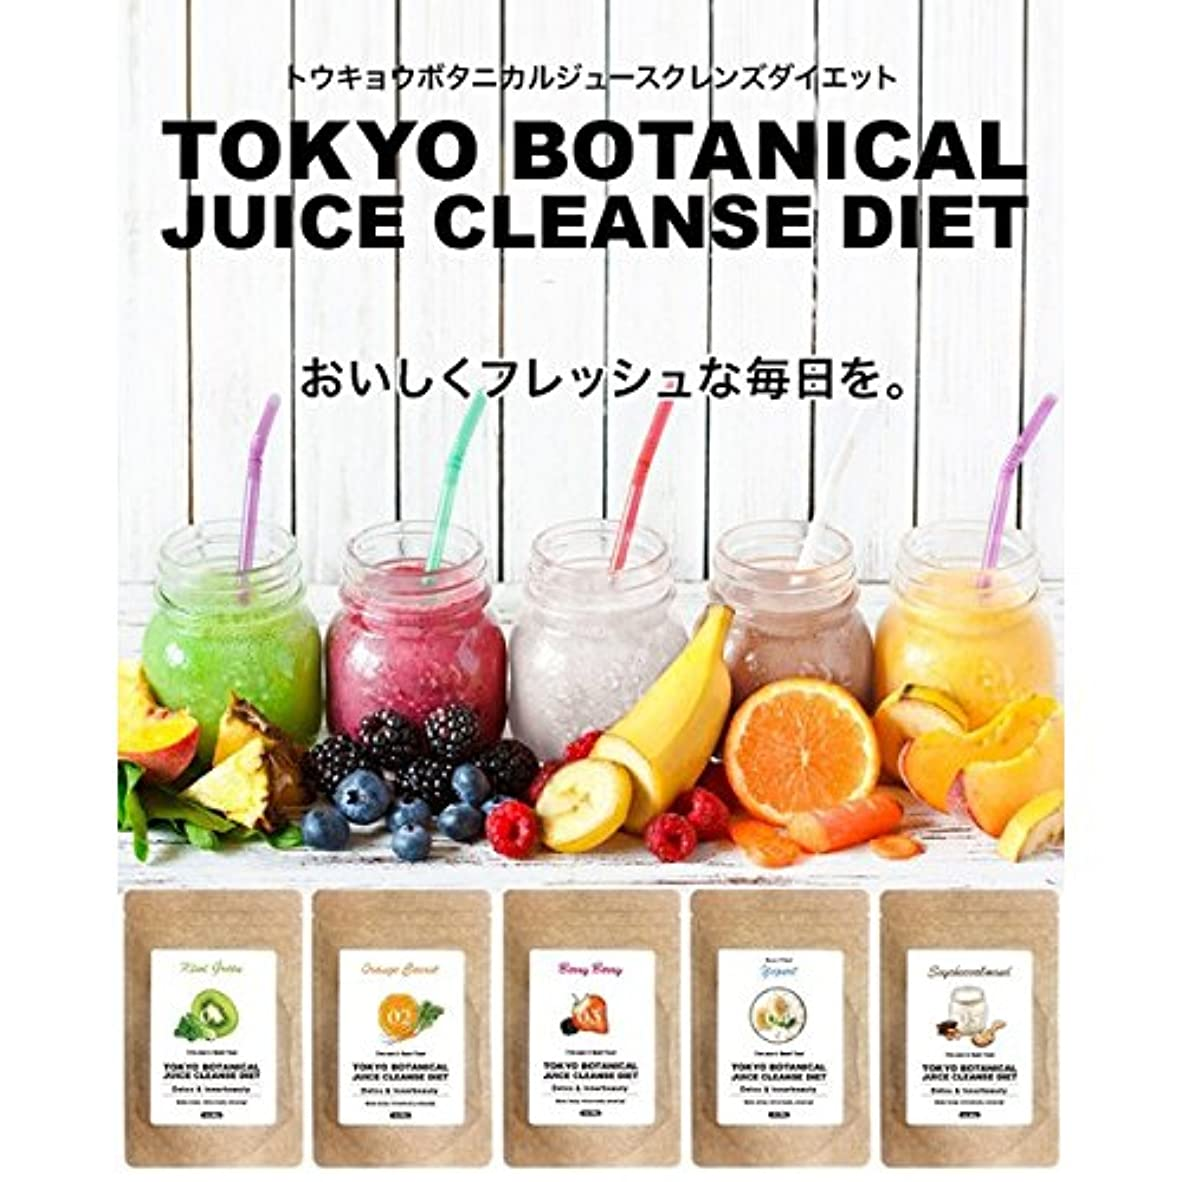 わずらわしいクモ問い合わせ東京ボタニカルジュースクレンズダイエット  キウイグリーン&ヨーグルトセット